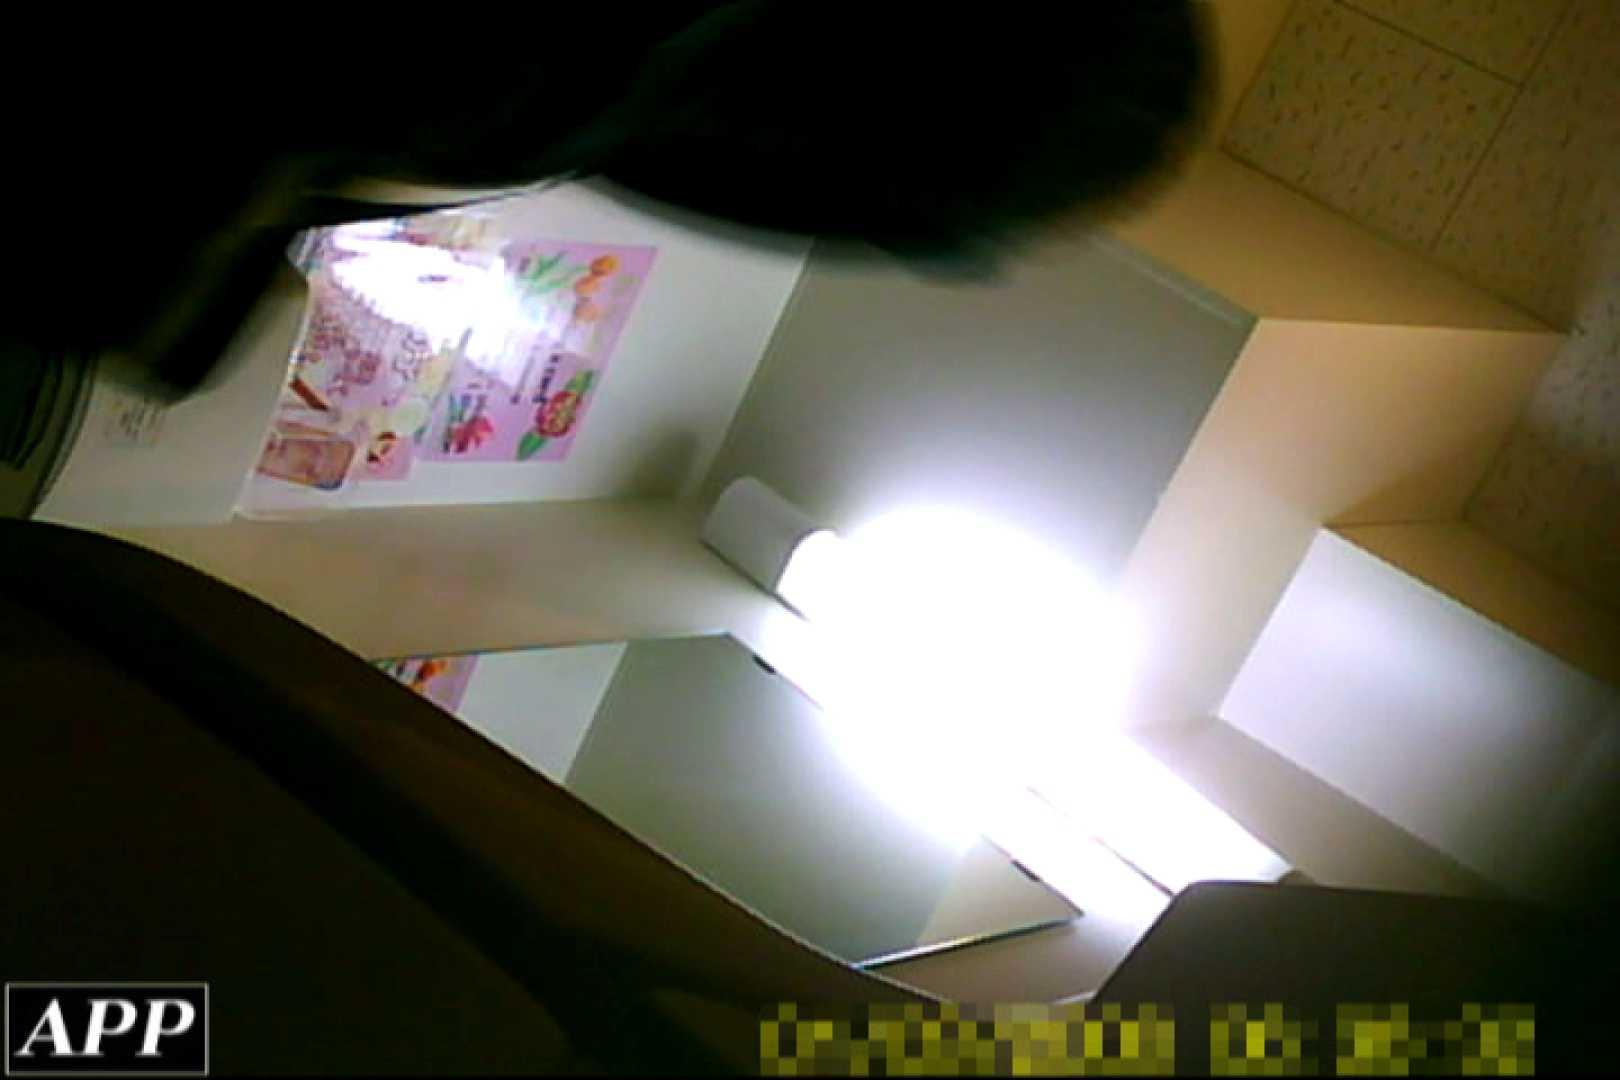 3視点洗面所 vol.121 オマンコもろ すけべAV動画紹介 92PIX 92